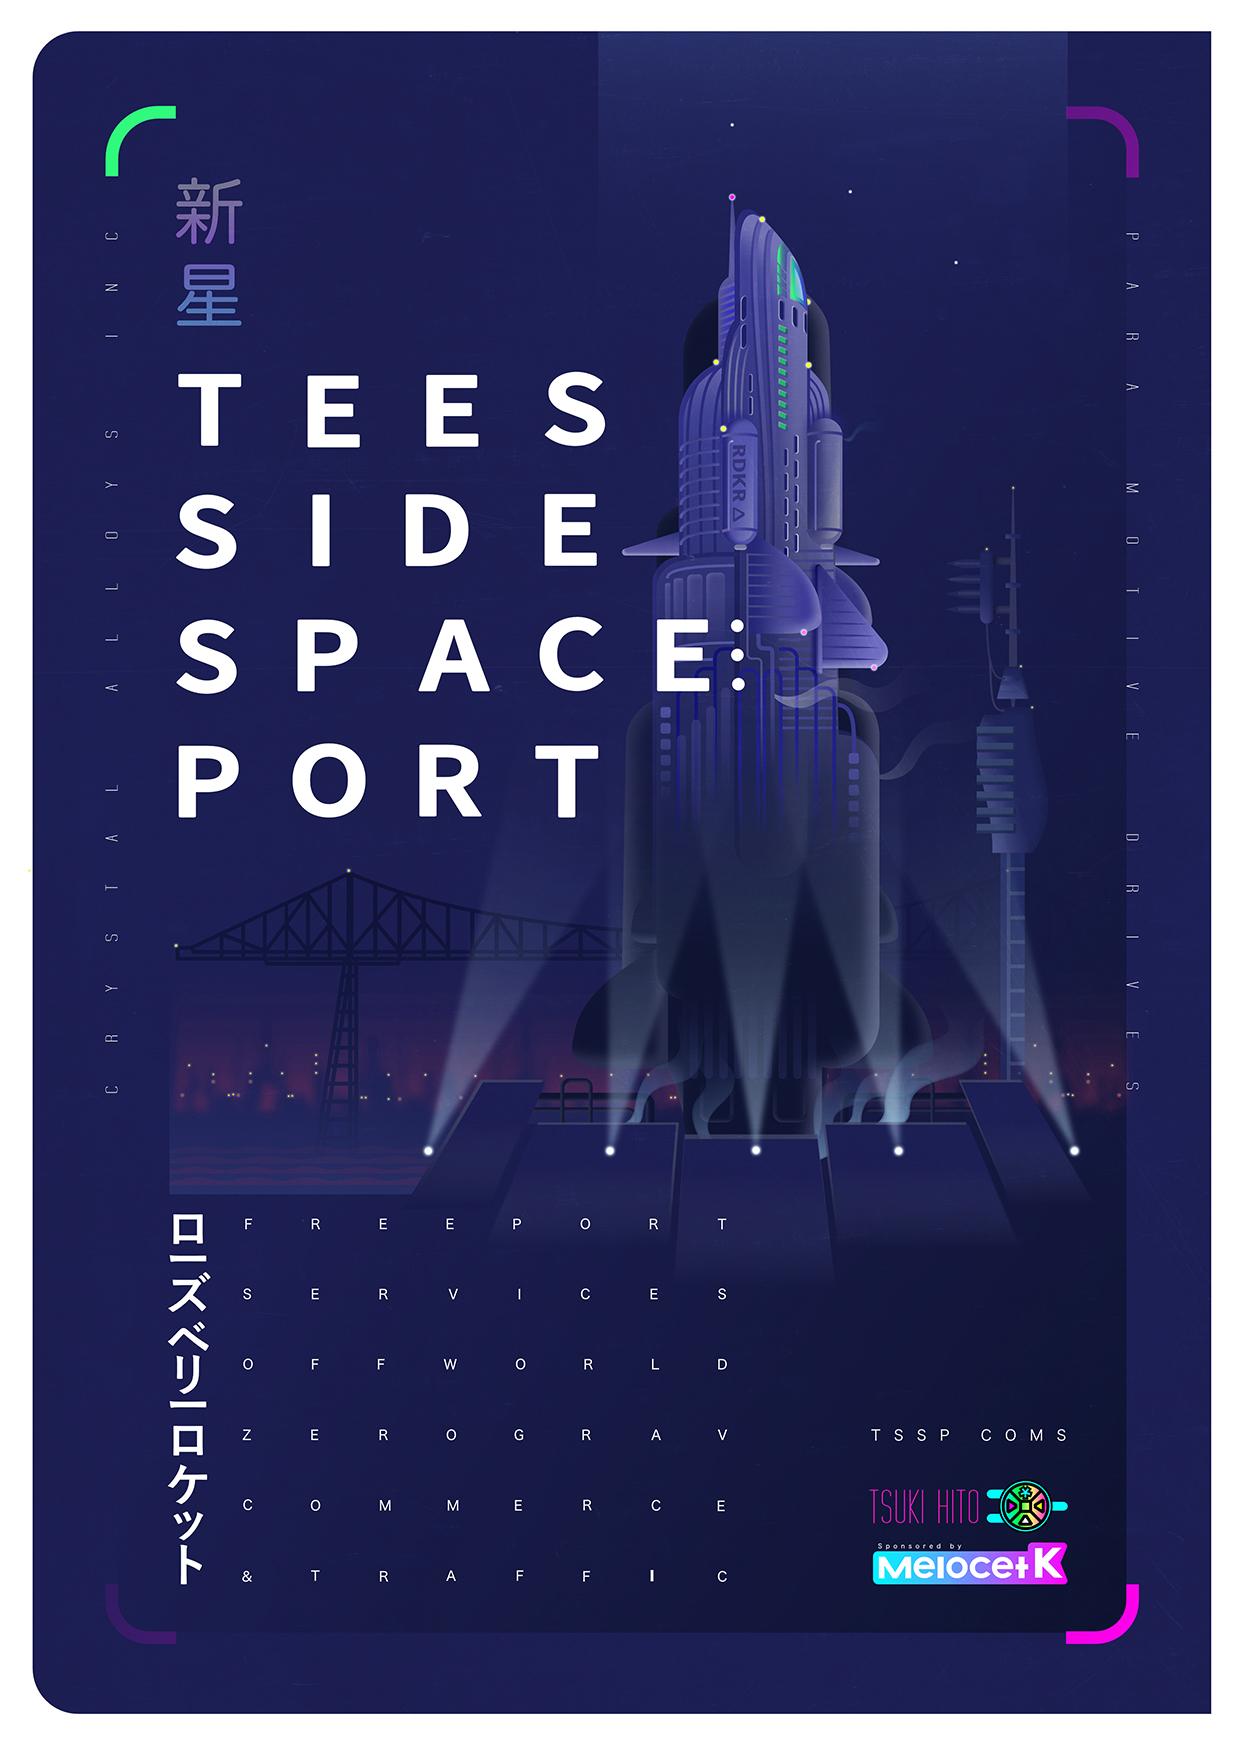 Teesside Space Port